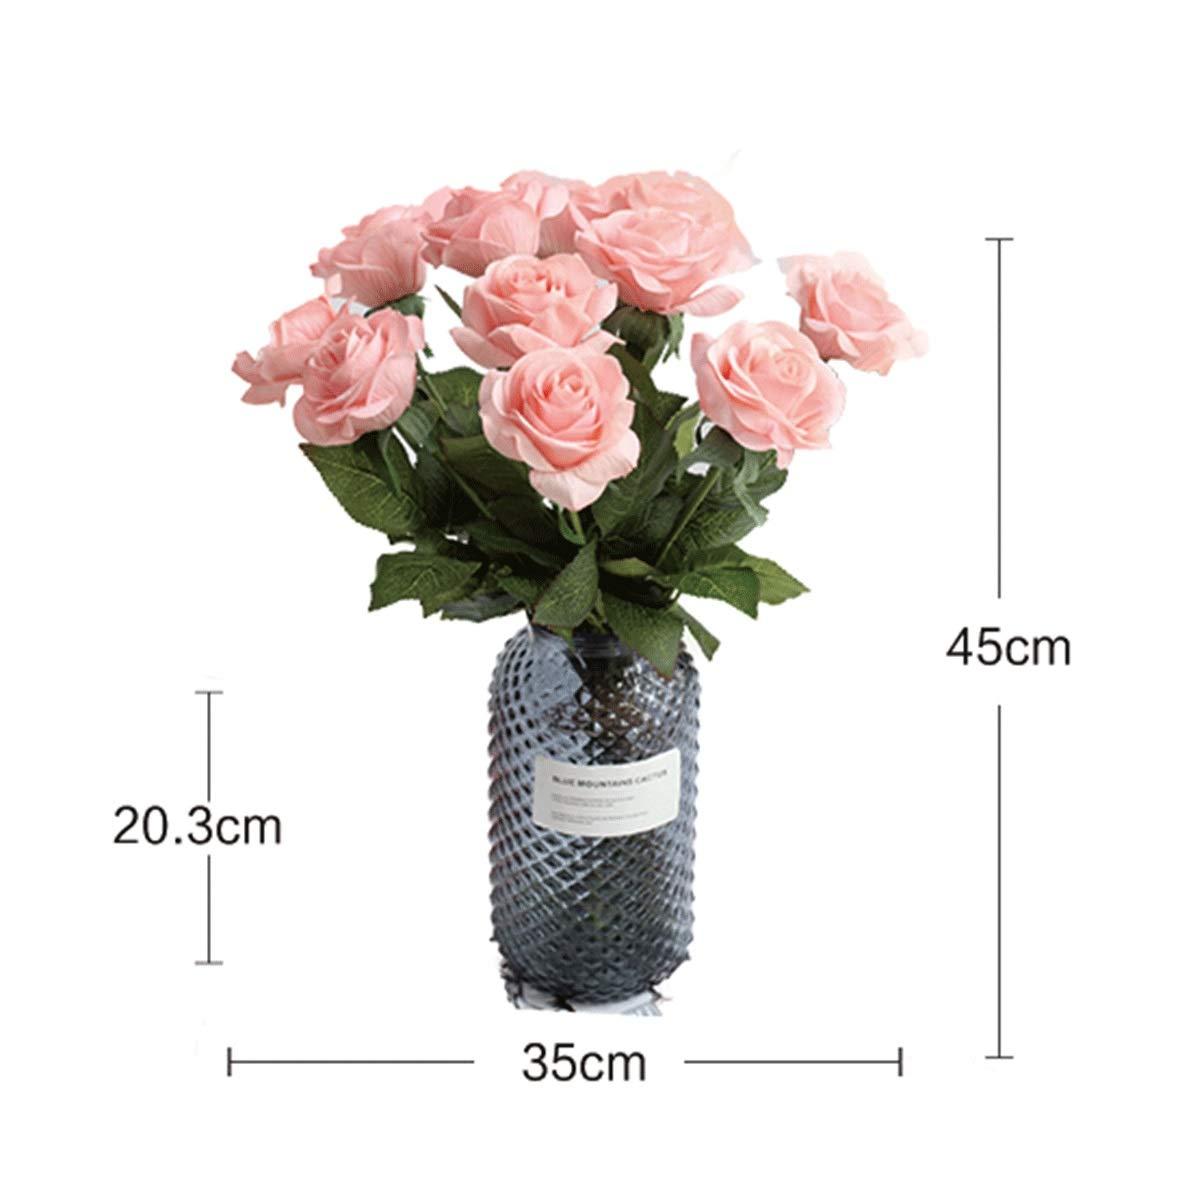 8HAOWENJU 造花、ハイシミュレーションローズブーケ、ガラス花瓶造花セット、室内テーブルデコレーション/ウェディングパーティーデコレーション/フェイクフラワー/シルクフラワー/プラスチックフラワー/フラワーアレンジメント (Color : Pink) B07SZPT7DV Pink